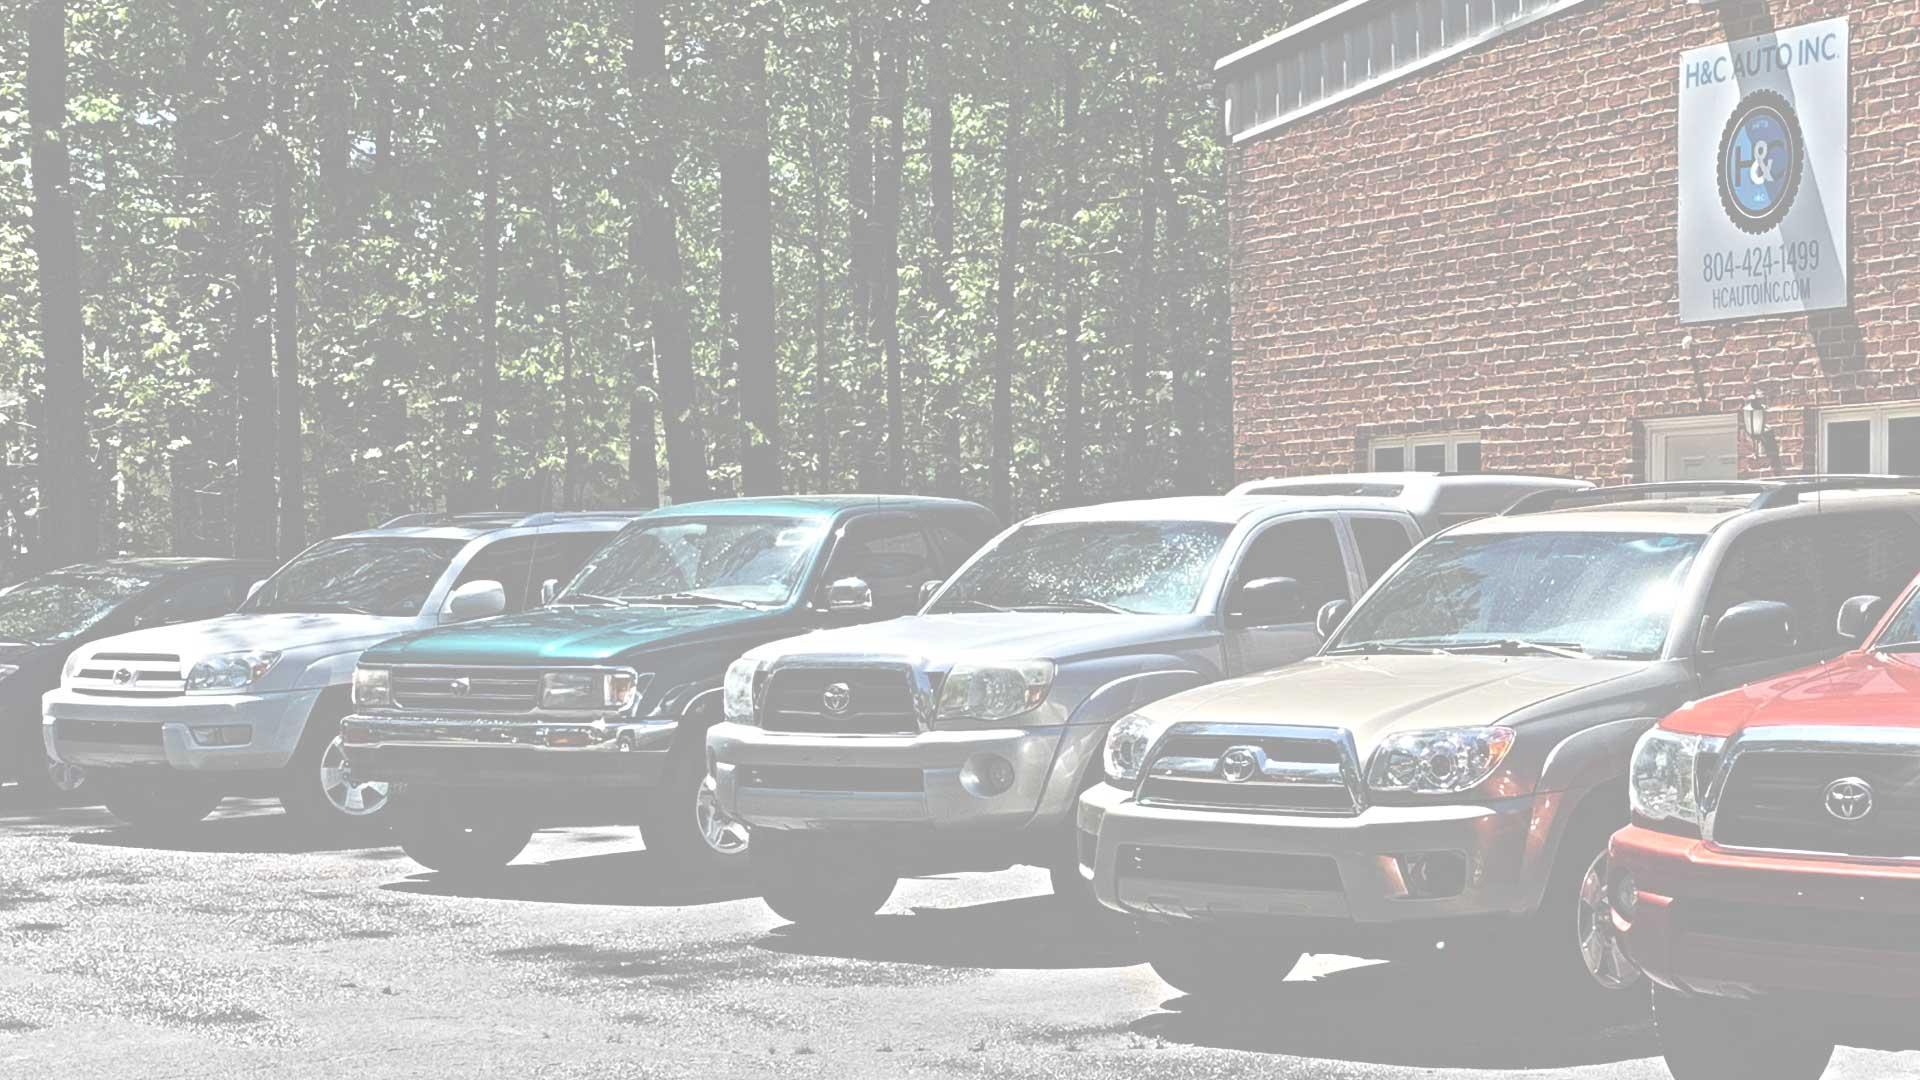 C And H Auto >> H C Auto Car Dealer In Oilville Va